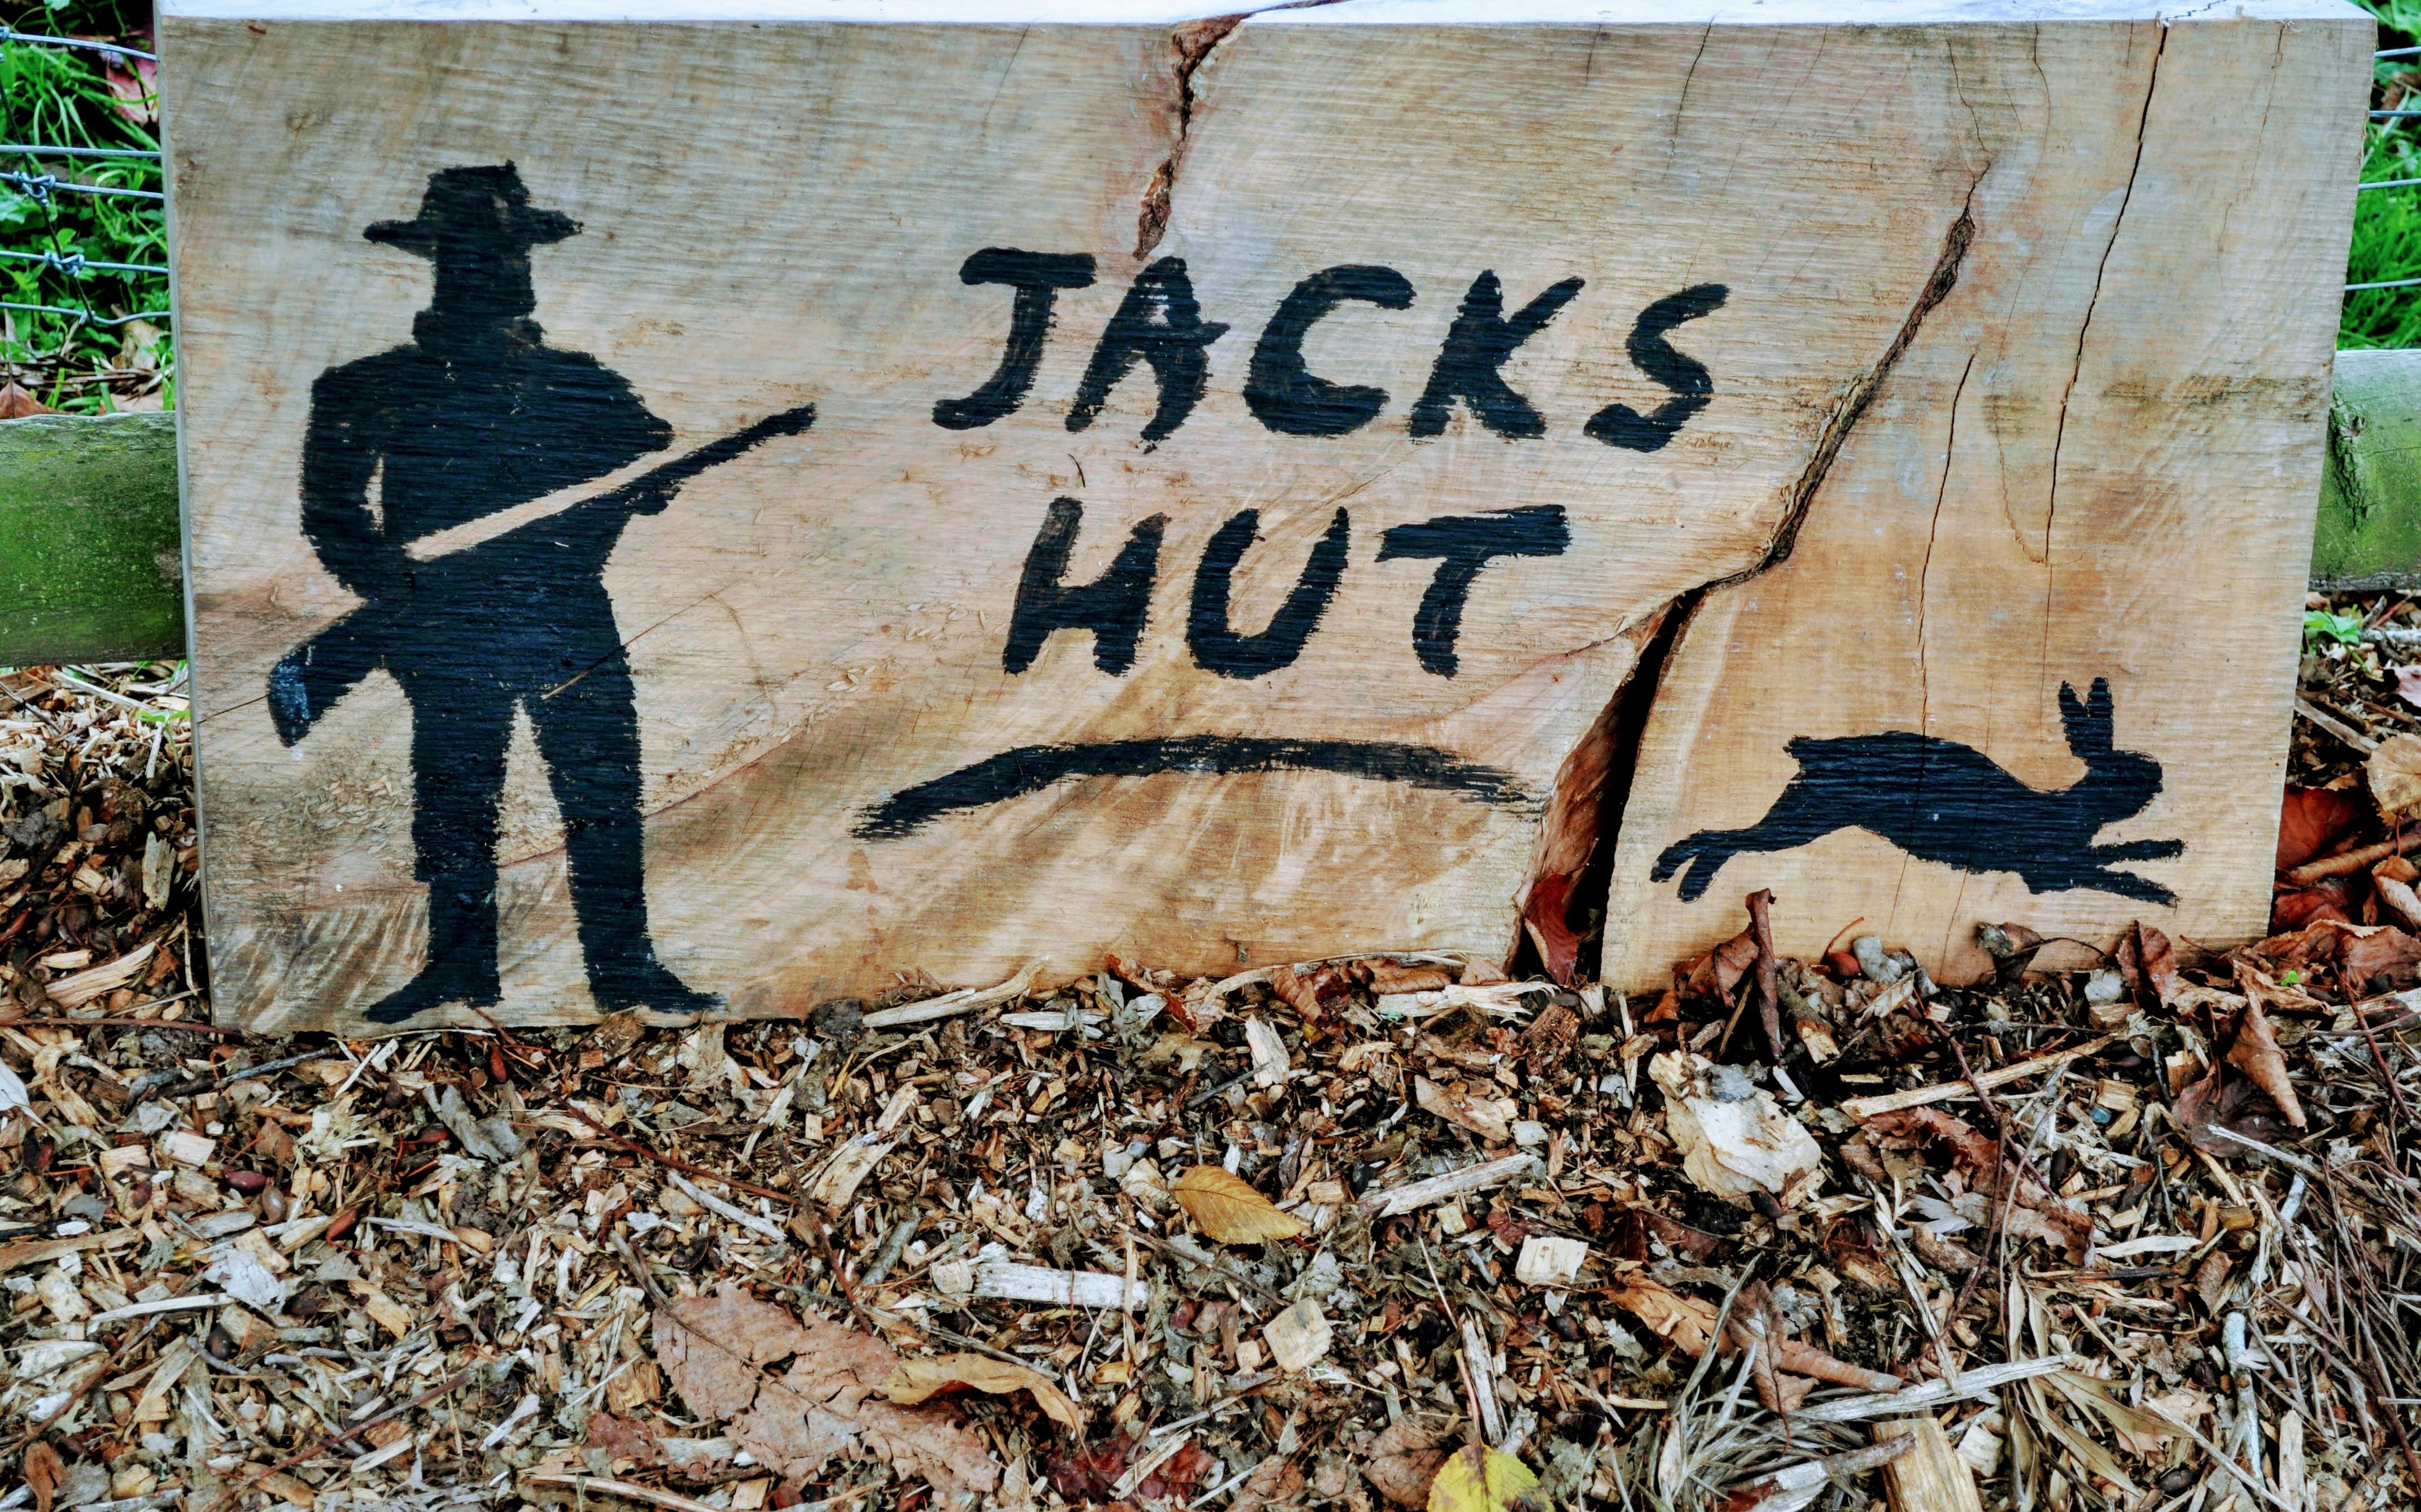 Jacks hut, glamping at lake tarawera